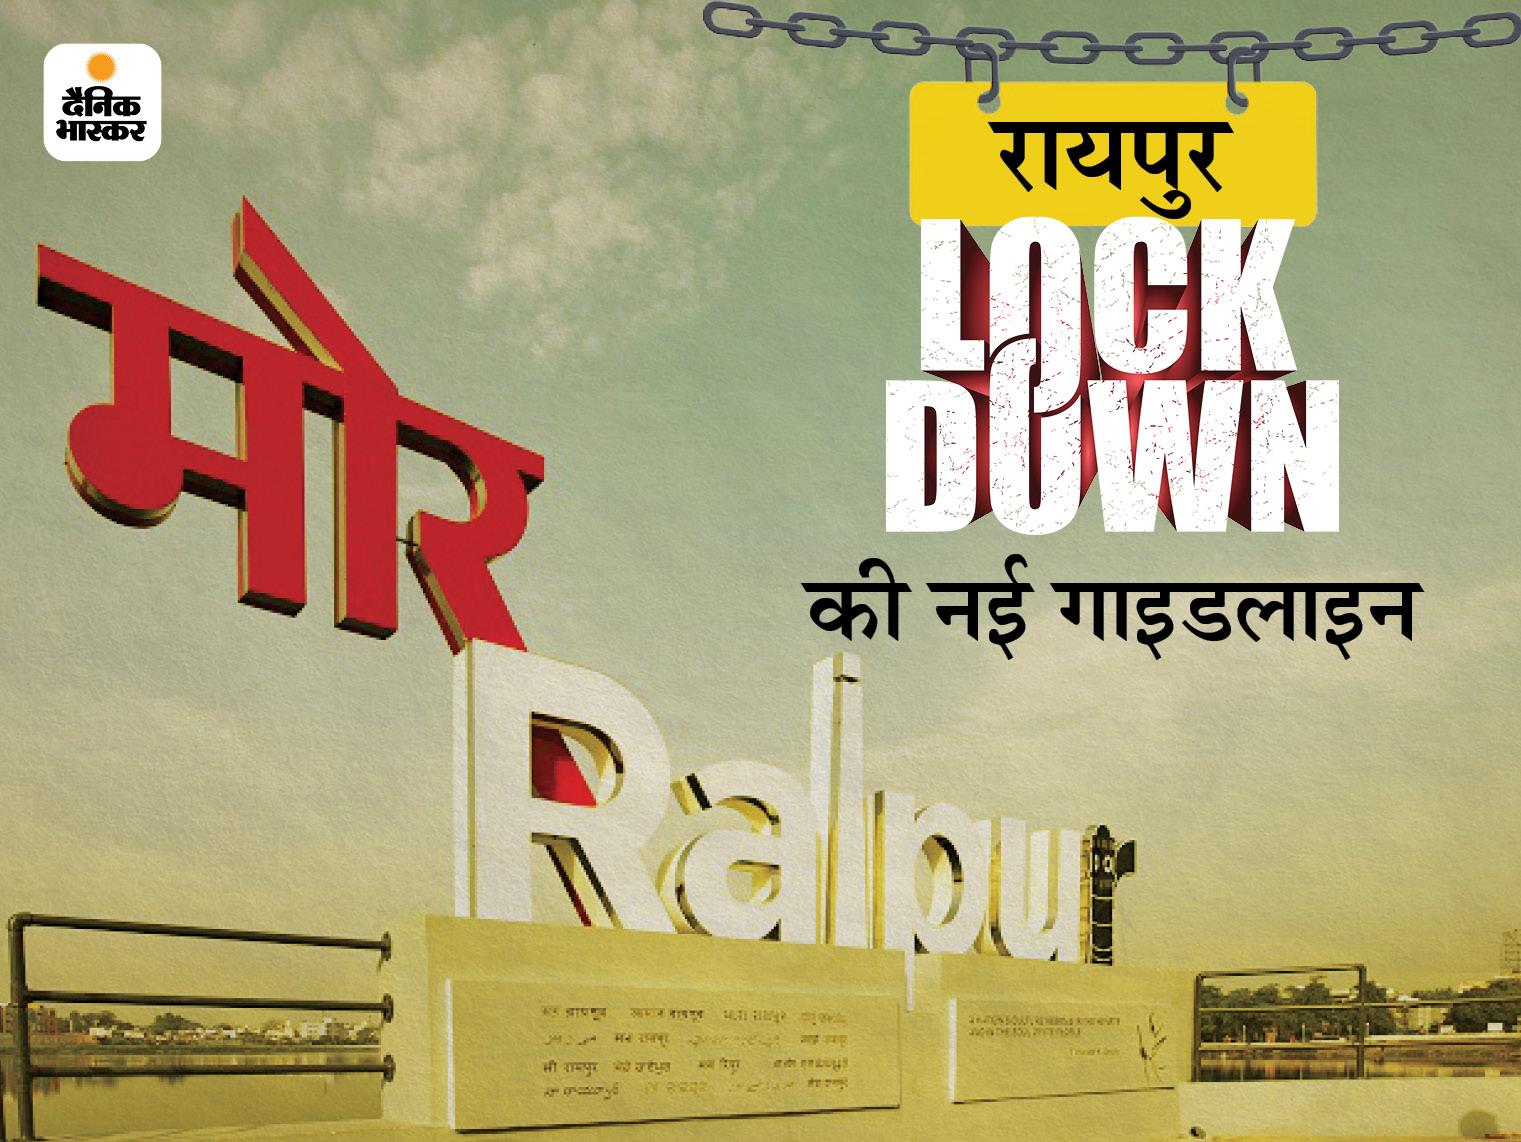 एक दिन गैप से खुलेंगी दुकानें; मॉल, सुपर मार्केट और सब्जी बाजार पहले की तरह रहेंगे बंद|रायपुर,Raipur - Dainik Bhaskar